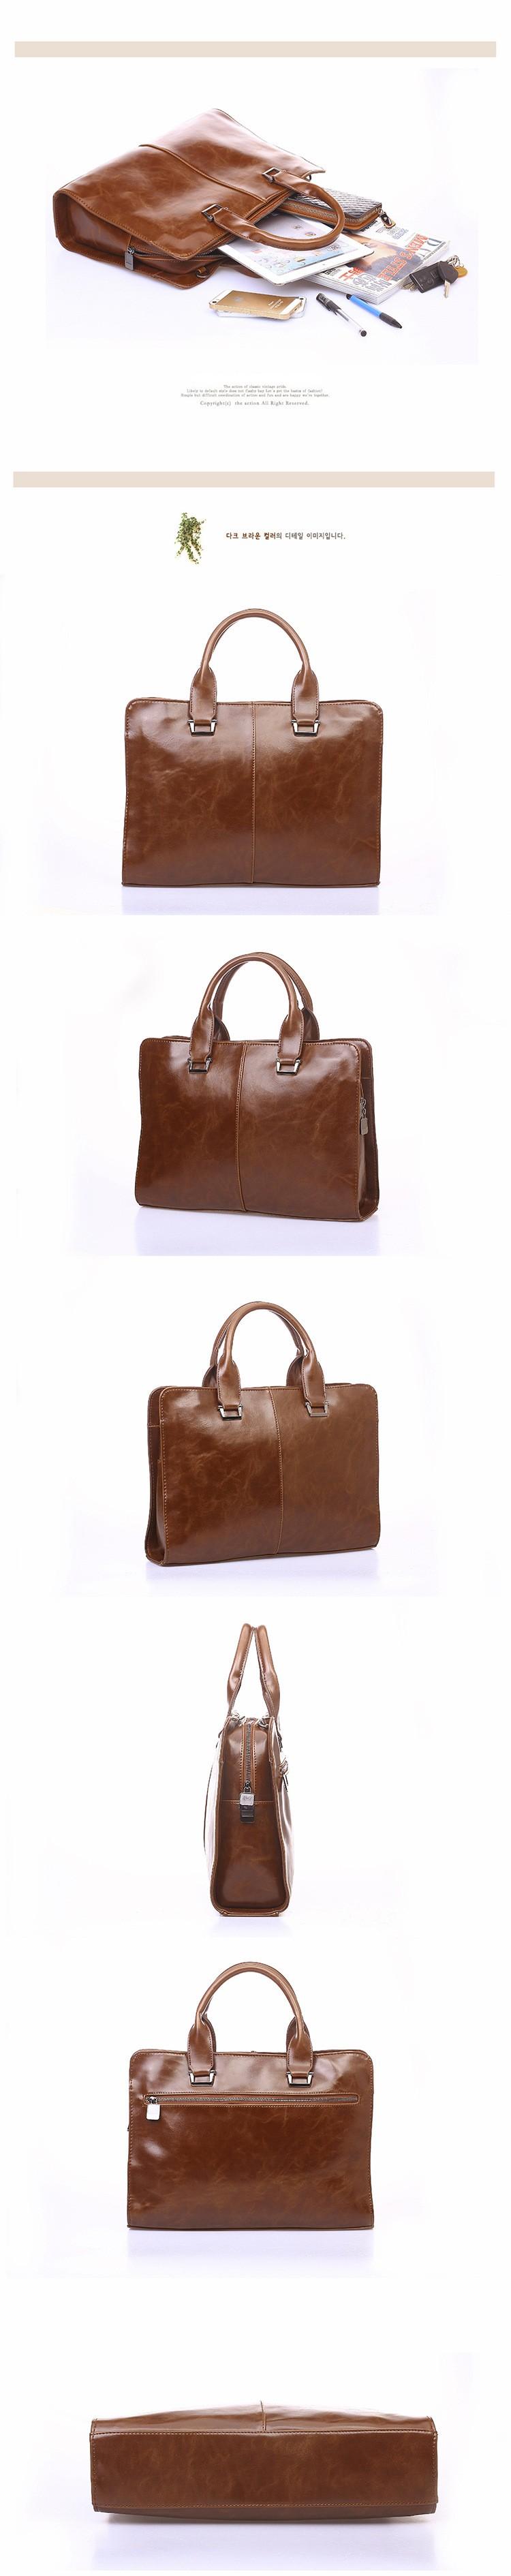 Men Vintage Business Real Genuine Leather Briefcase Travel Causal Messenger Shoulder Portfolio Laptop Bags Lawer Handbag Bolsa (2)